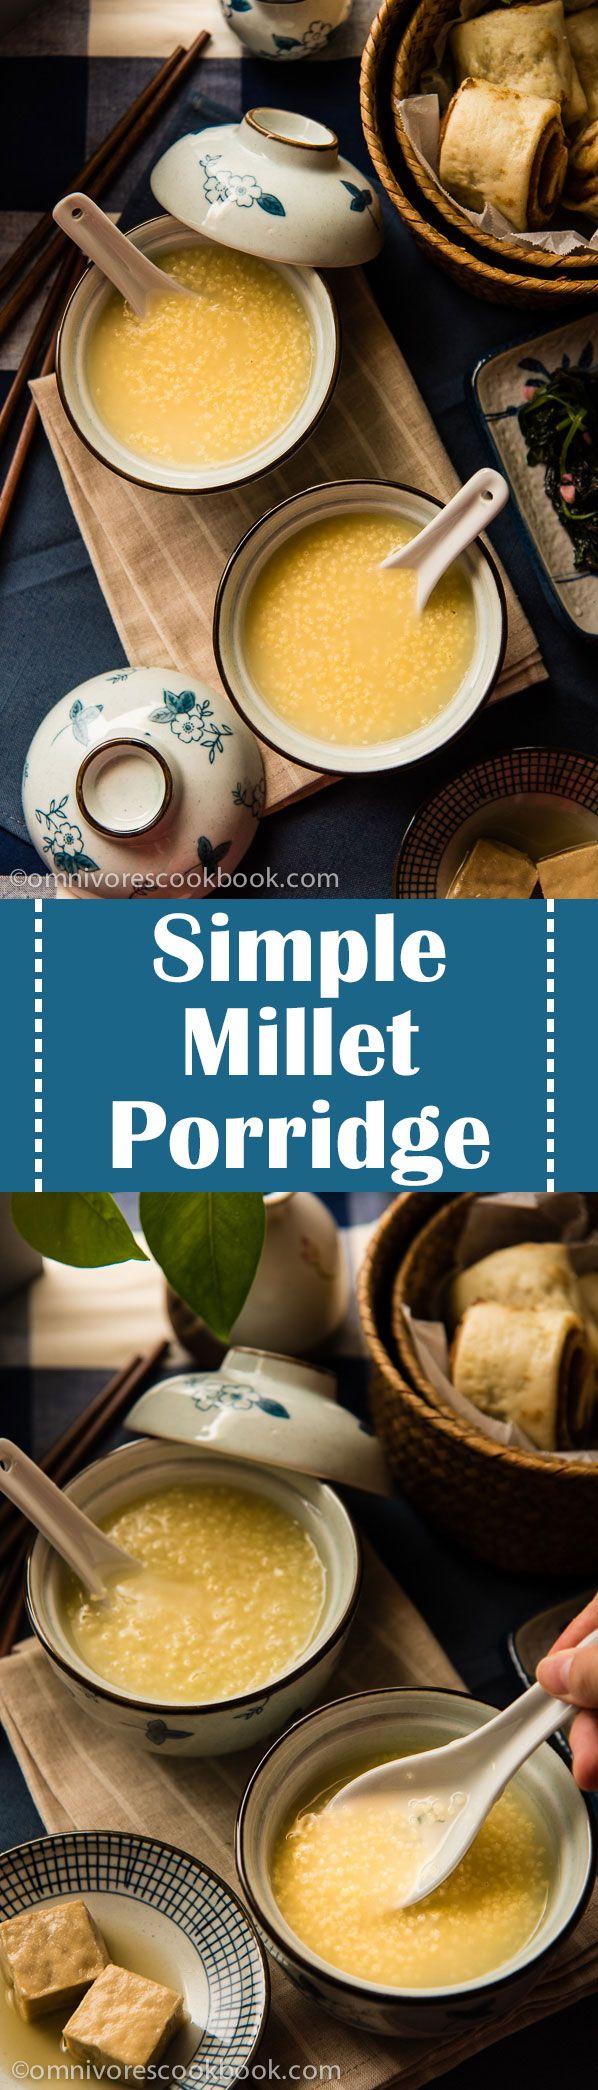 Best 108 millet recipes images on Pinterest | Millet recipes, Book ...